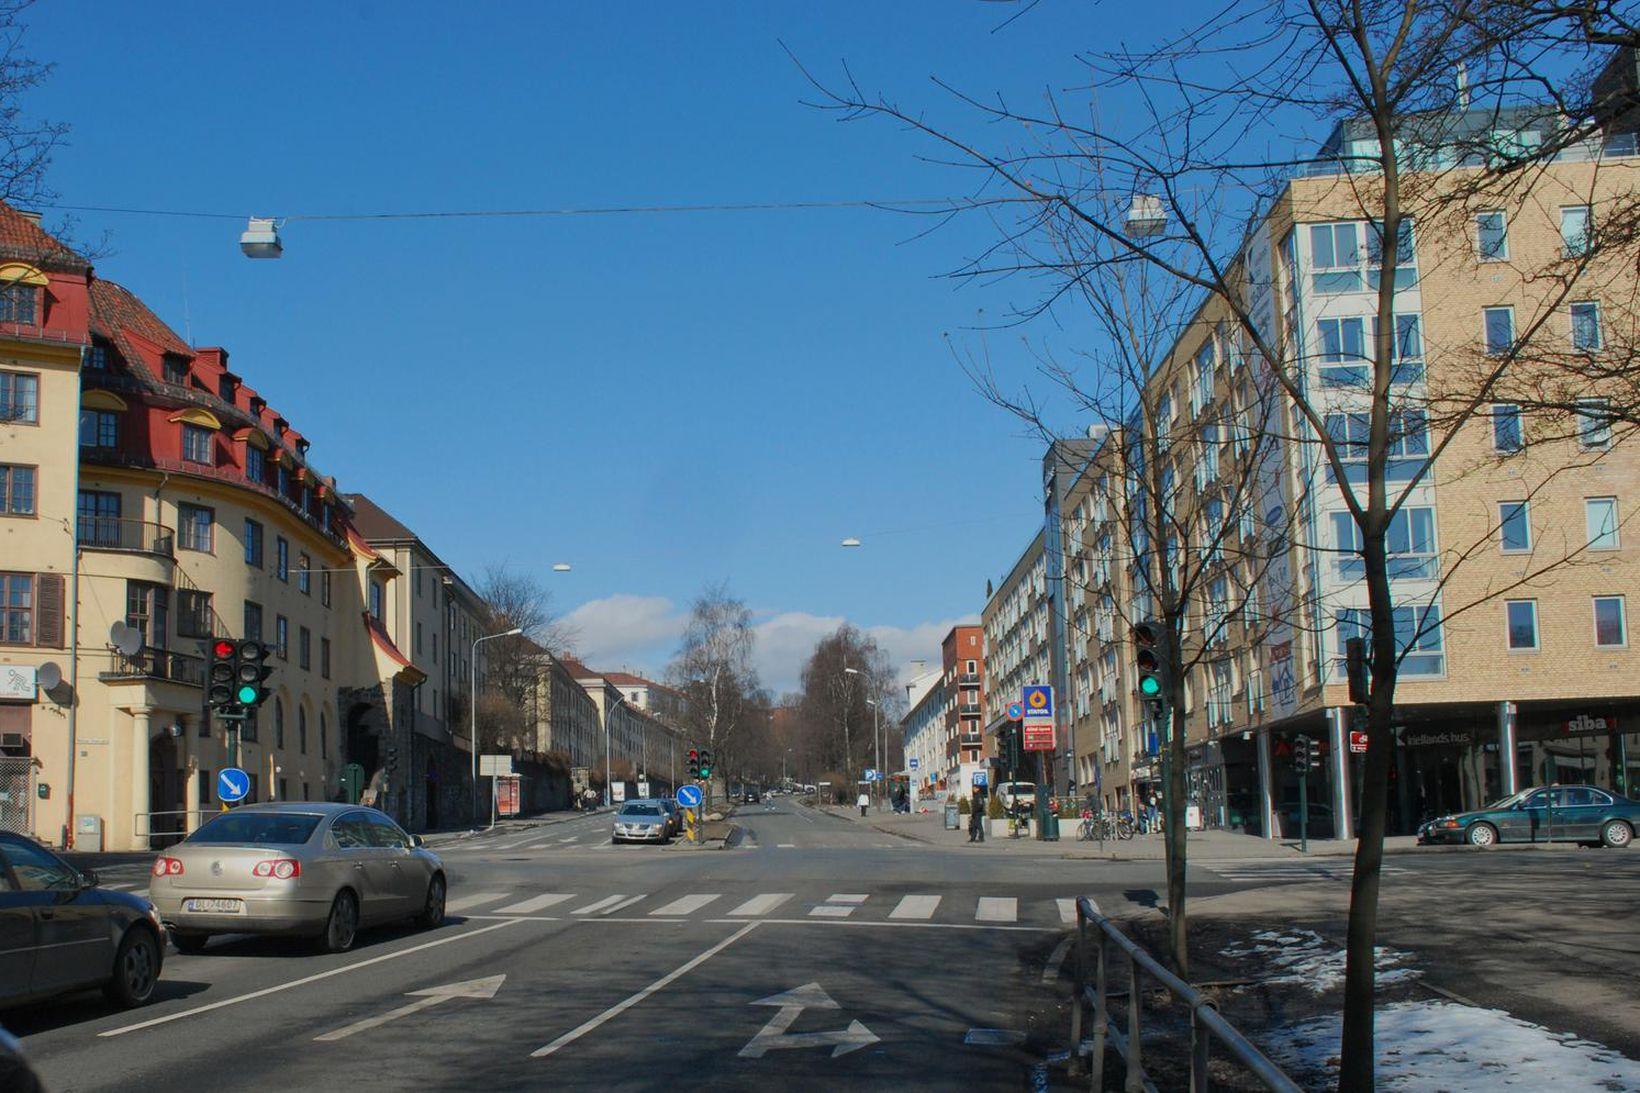 Horft norður Uelands gate í Austur-Ósló. Gatan heitir eftir norska …